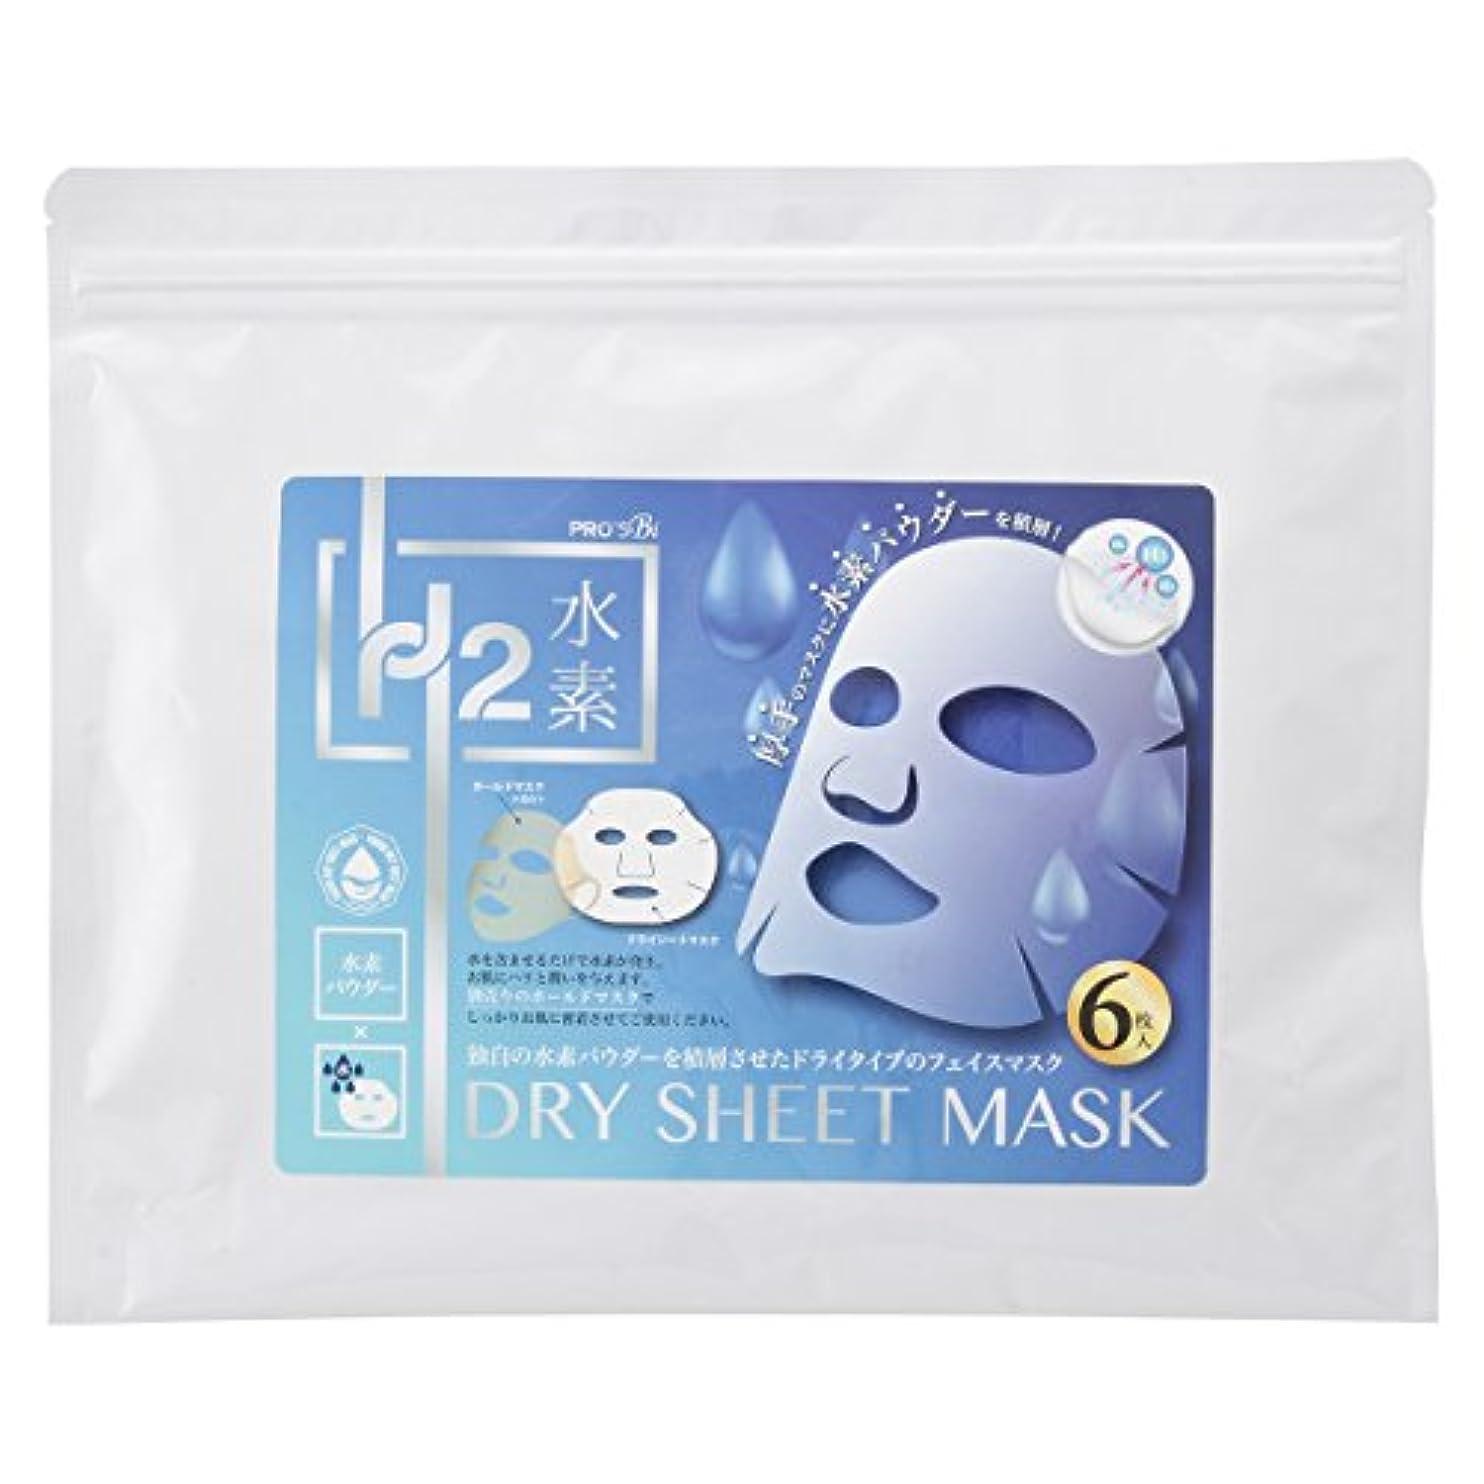 聞きます楽しい壁紙< プロズビ > ハイドロシートマスク (6枚入り) [ シートパック フェイスマスク フェイスシート フェイスパック フェイシャルマスク シートマスク フェイシャルシート フェイシャルパック ローションマスク 顔パック ]